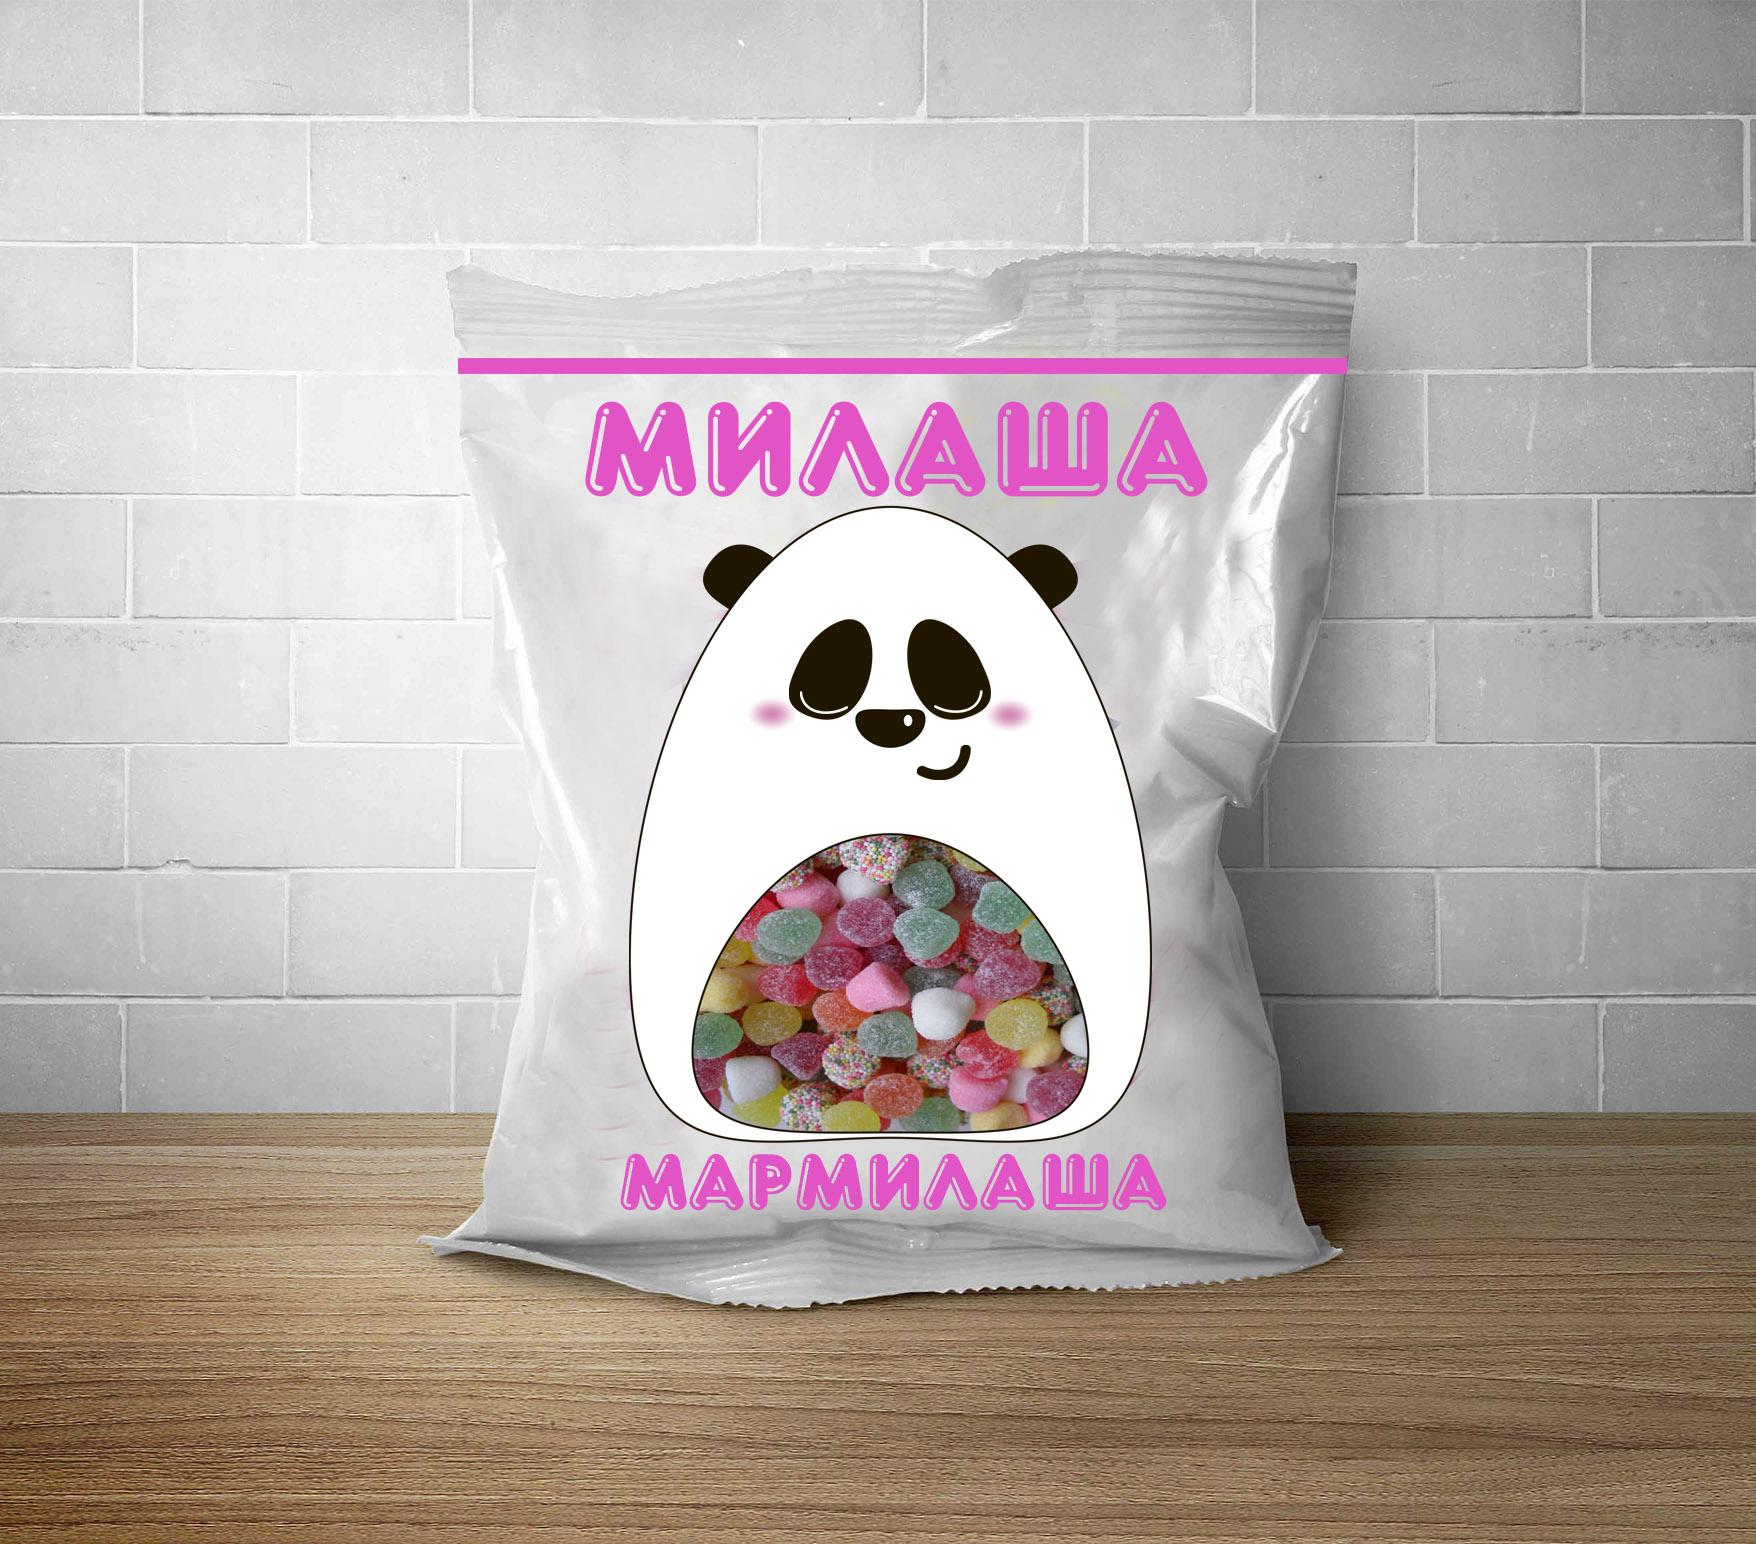 """Логотип для товарного знака """"Милаша-Мармилаша"""" фото f_91258760997d0c6e.jpg"""